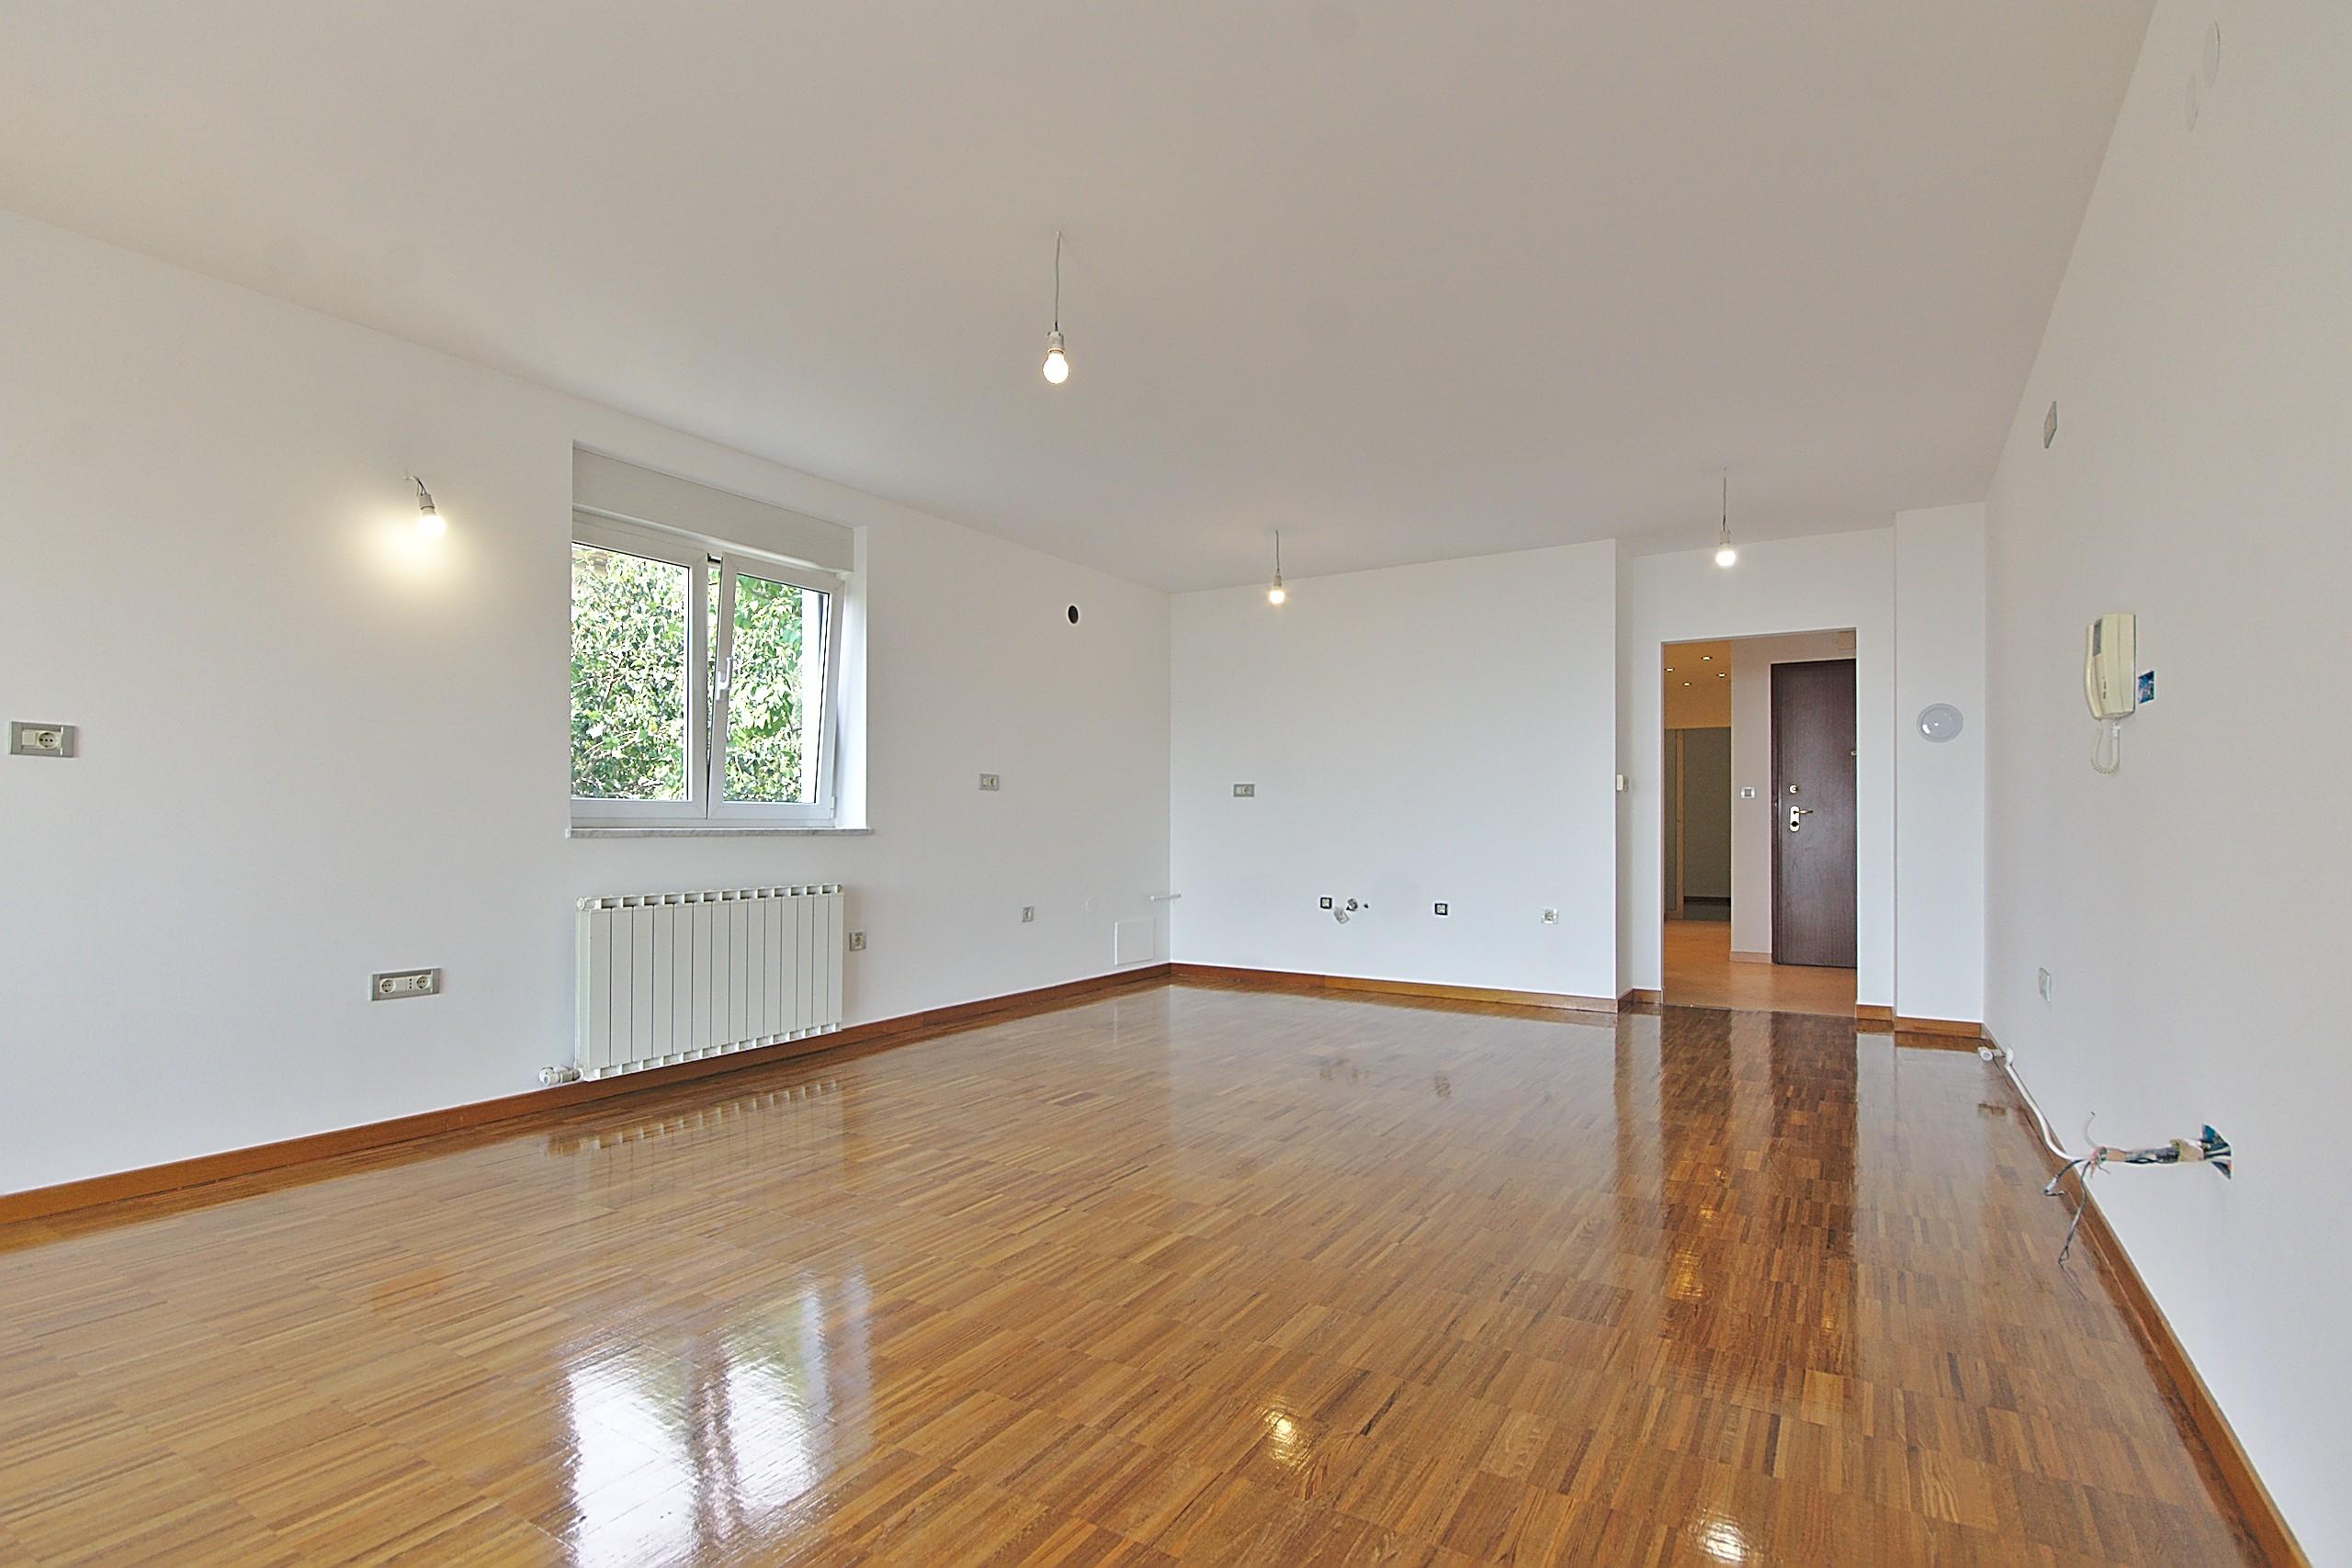 Dom i stil by Dogma: Top stan na top lokaciji! Vodimo vas na Belveder